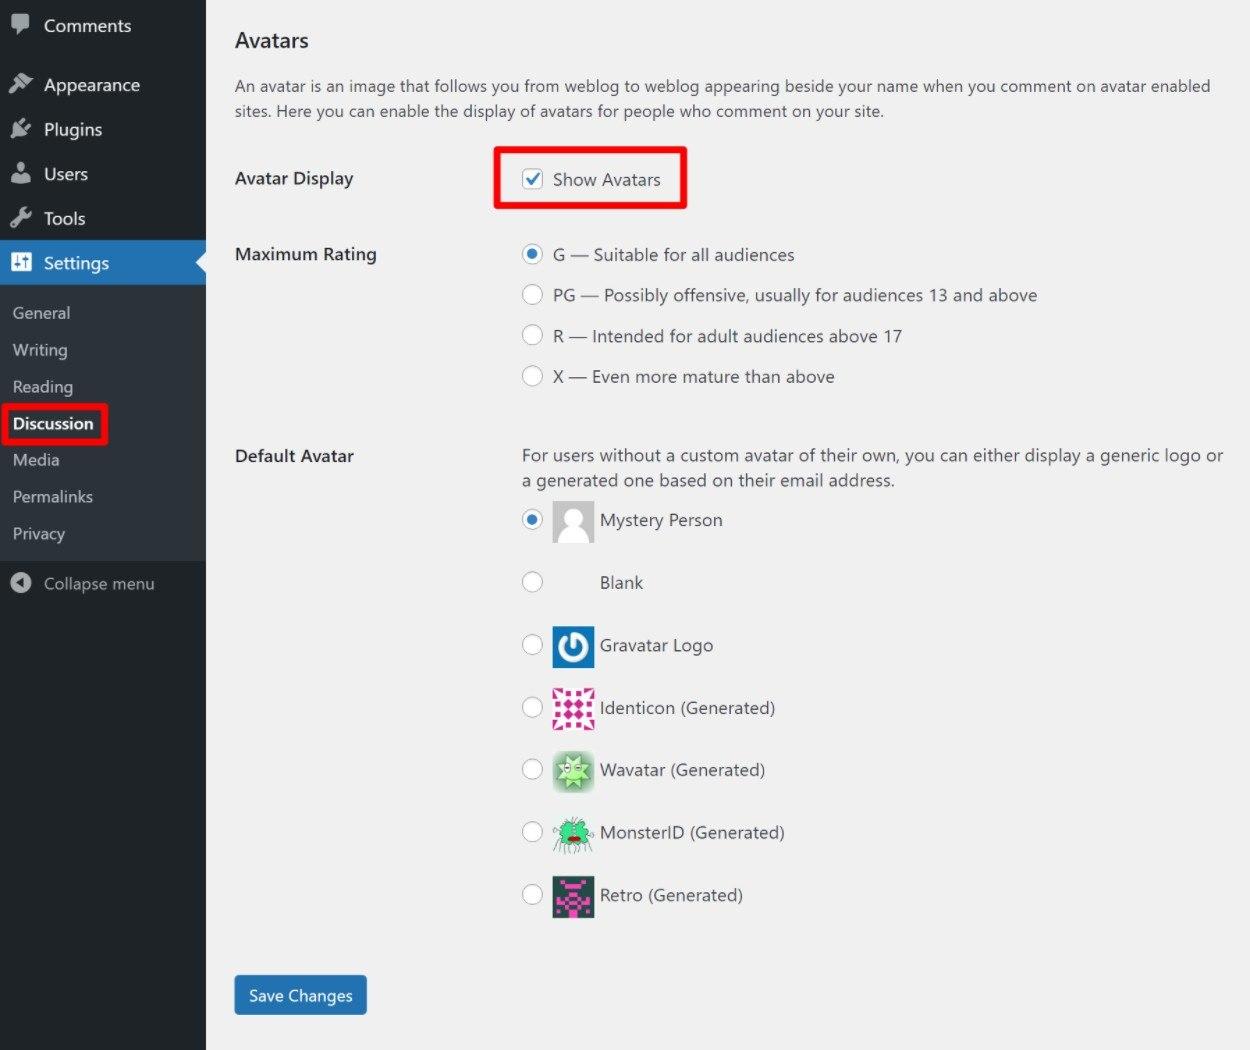 ¿Qué es Gravatar?  Guía completa para usuarios de WordPress + todos los demás - 1630938432 328 ¿Que es Gravatar Guia completa para usuarios de WordPress